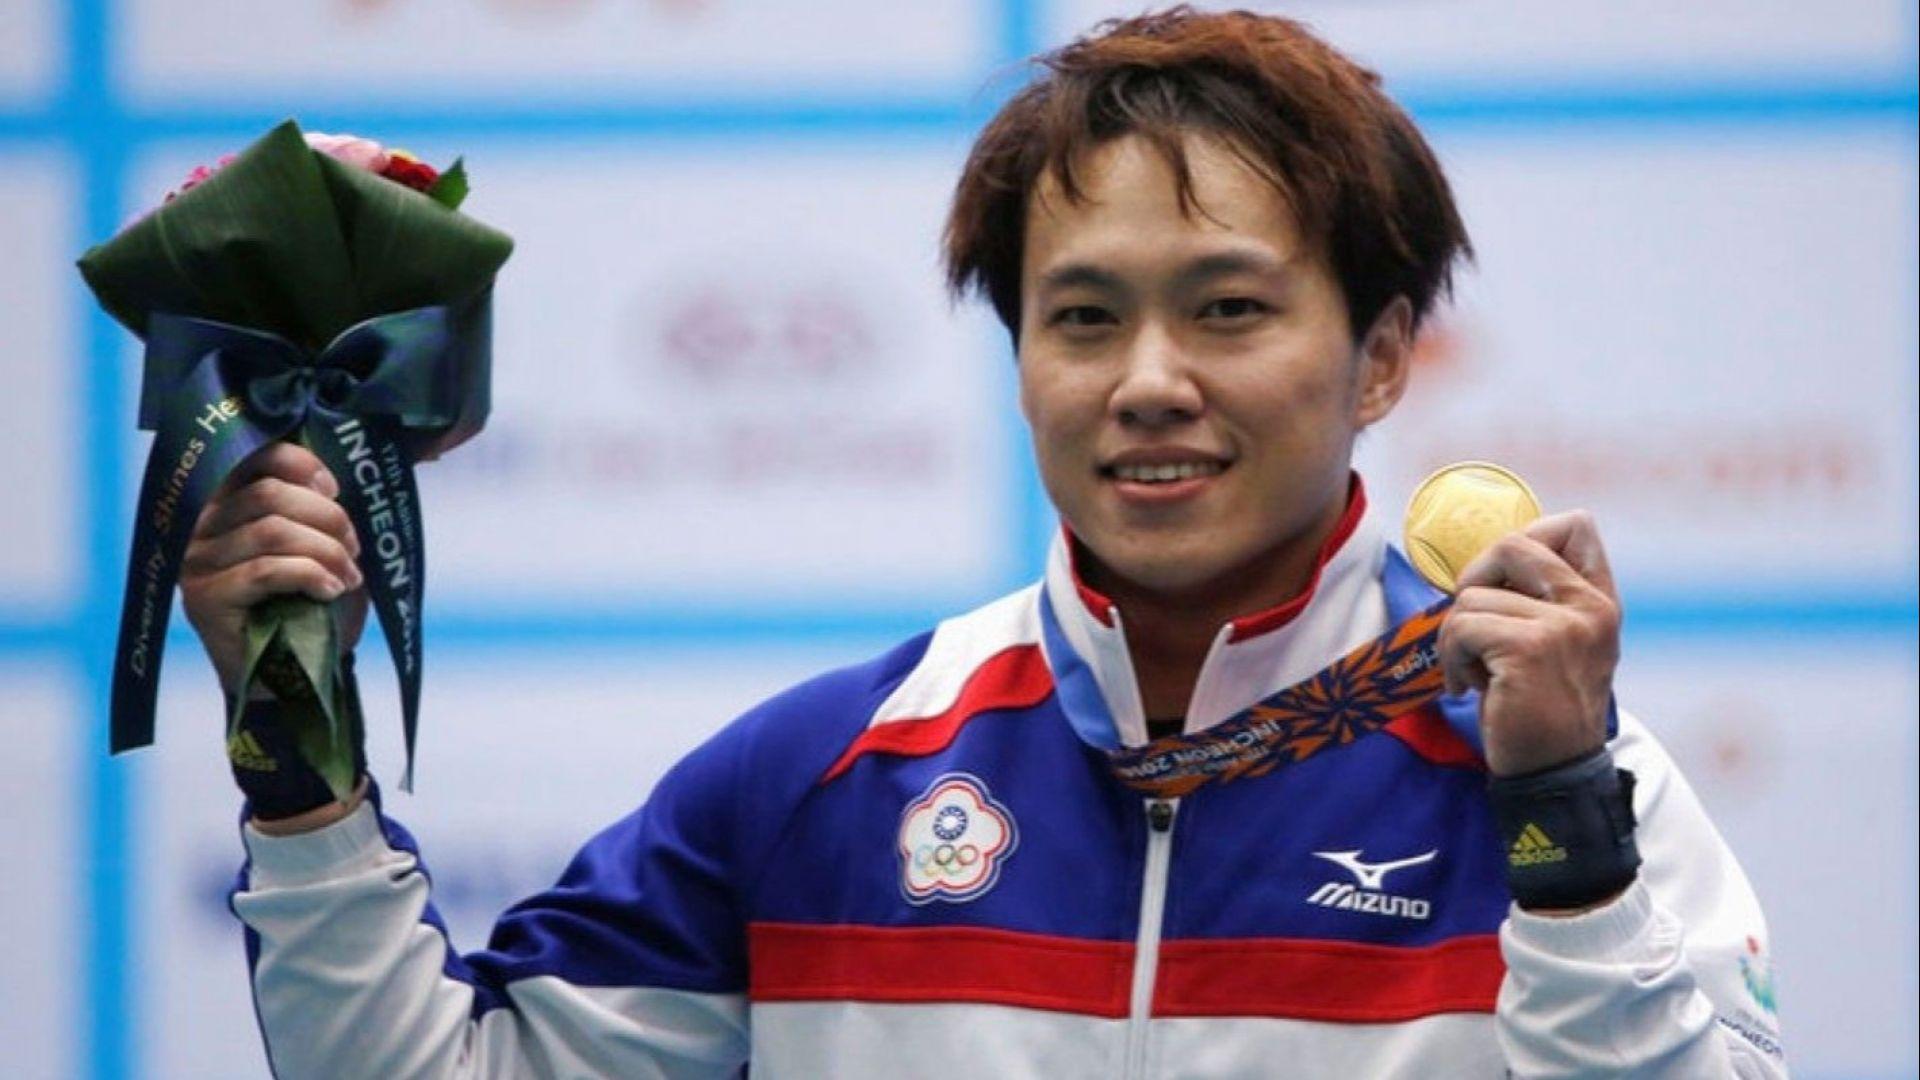 Наказаха световна рекордьорка заради допинг